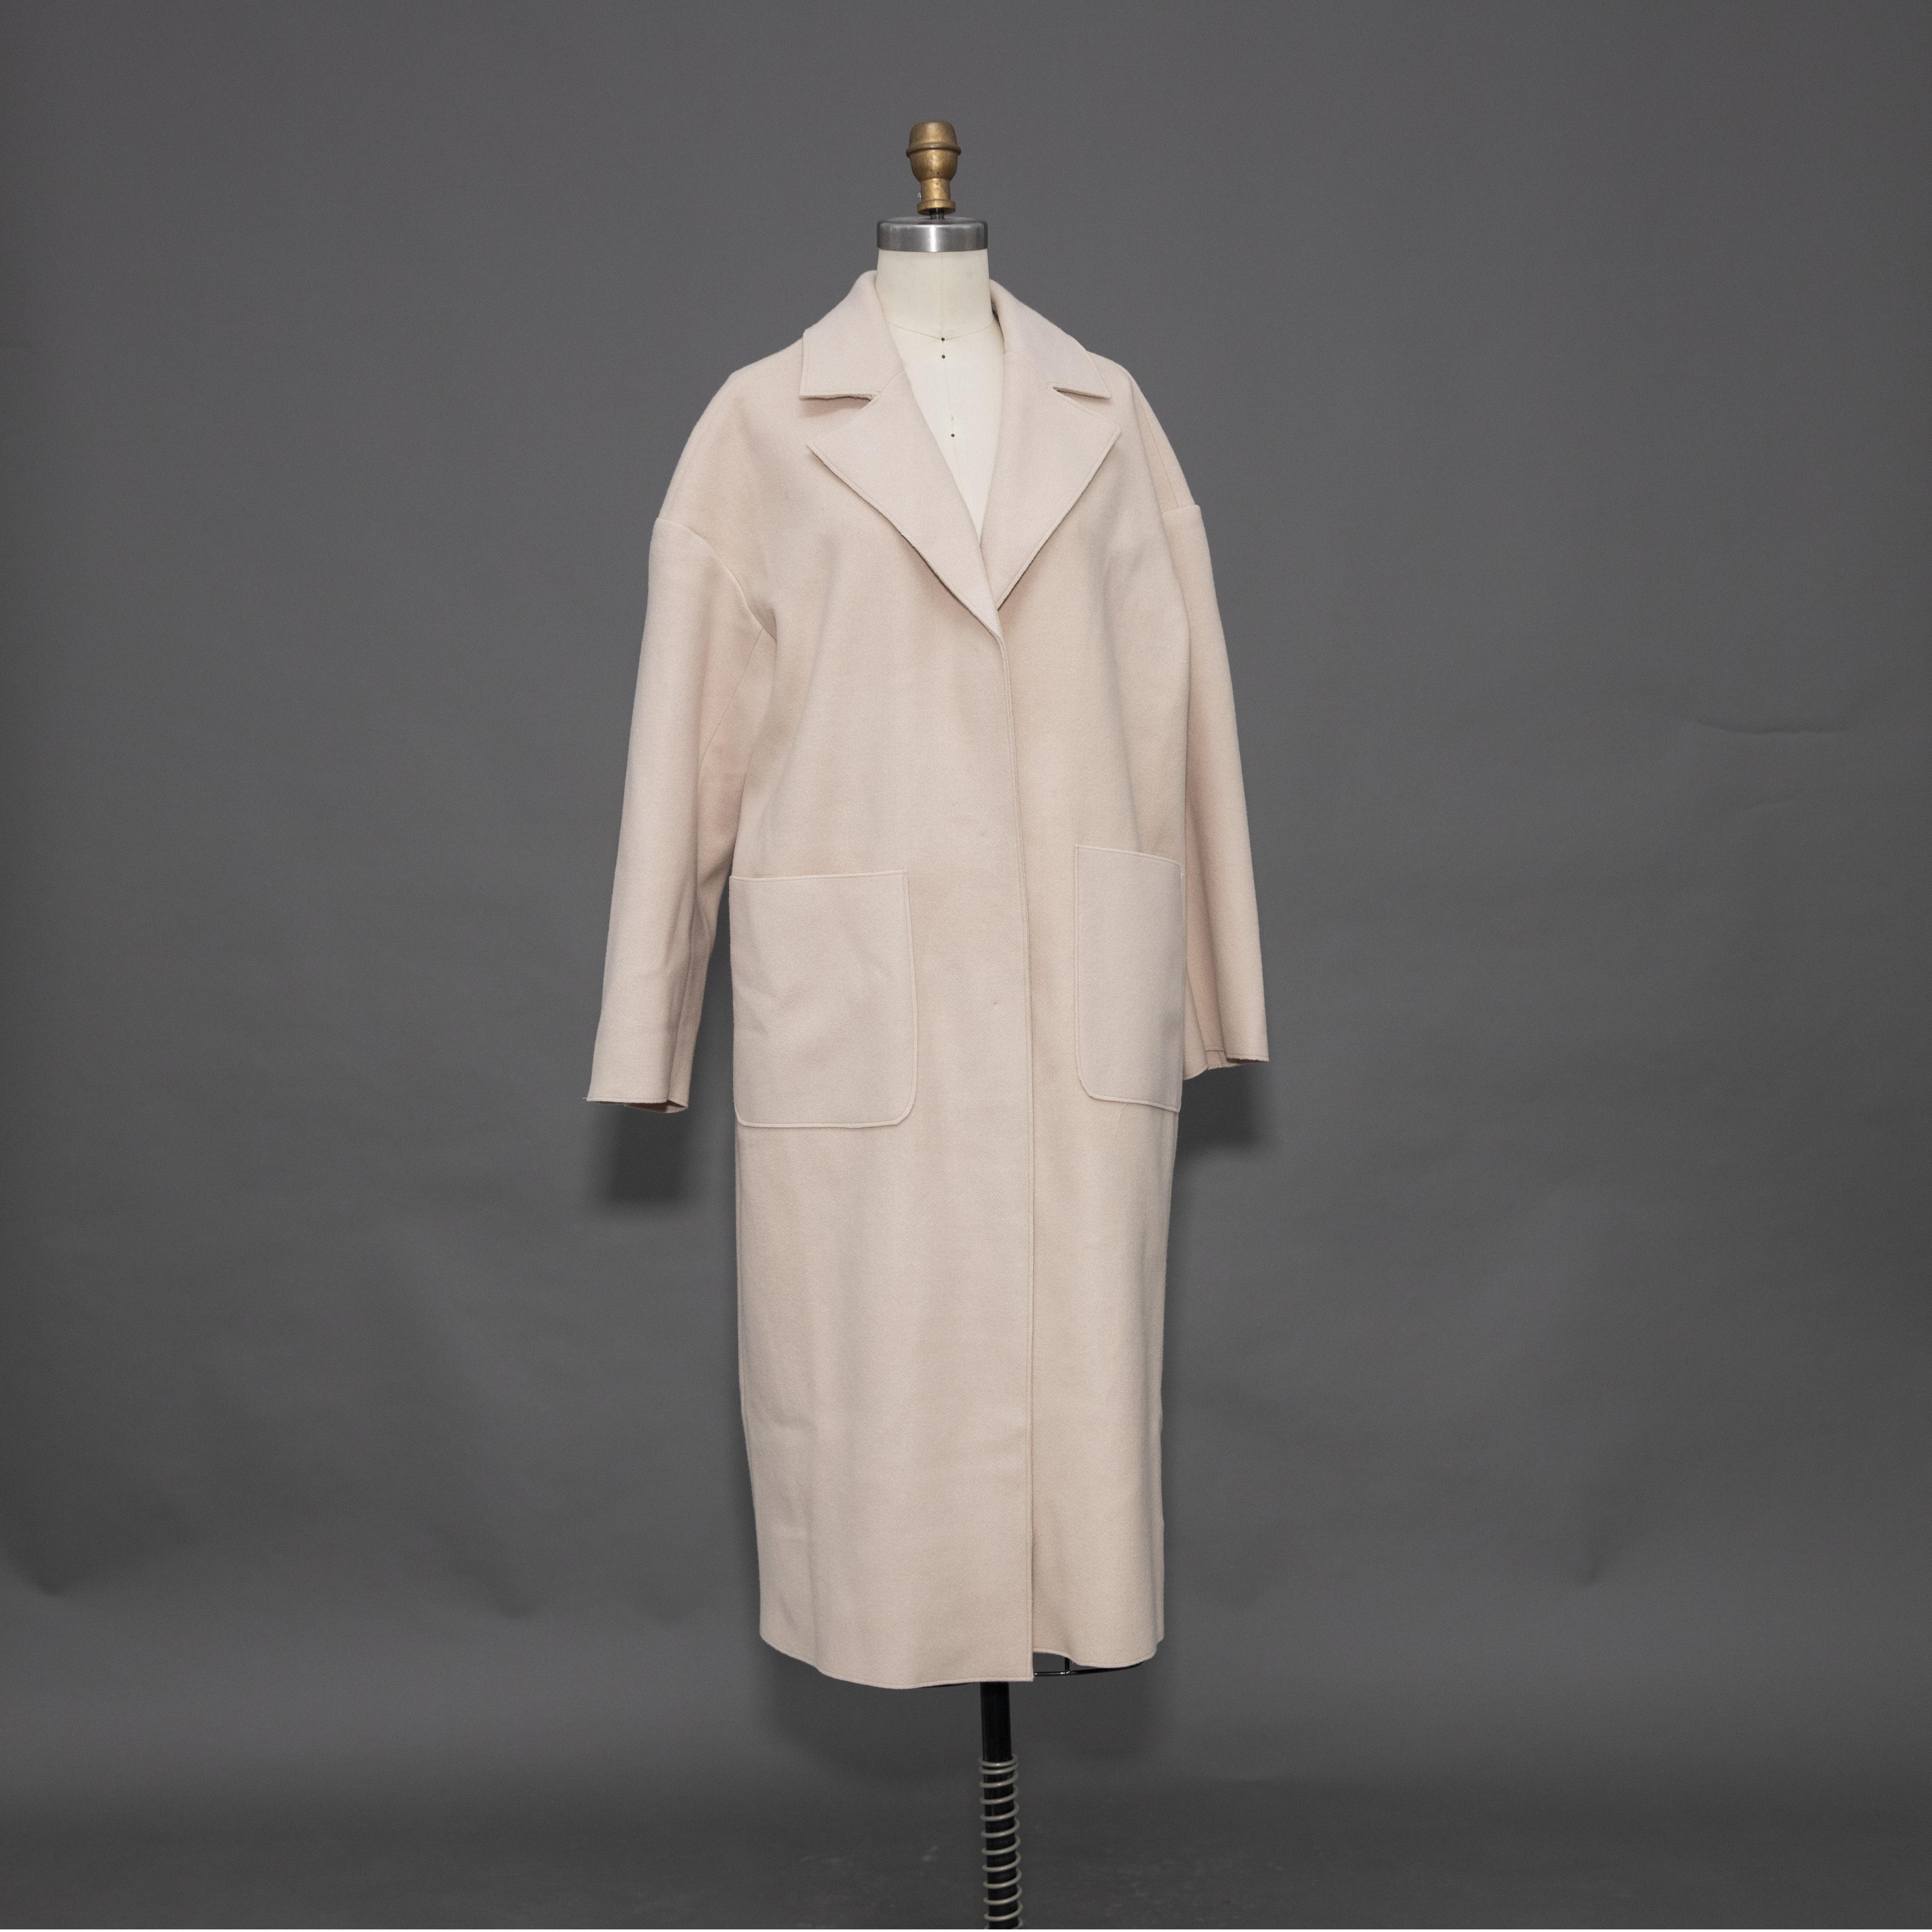 HTF 2 coat